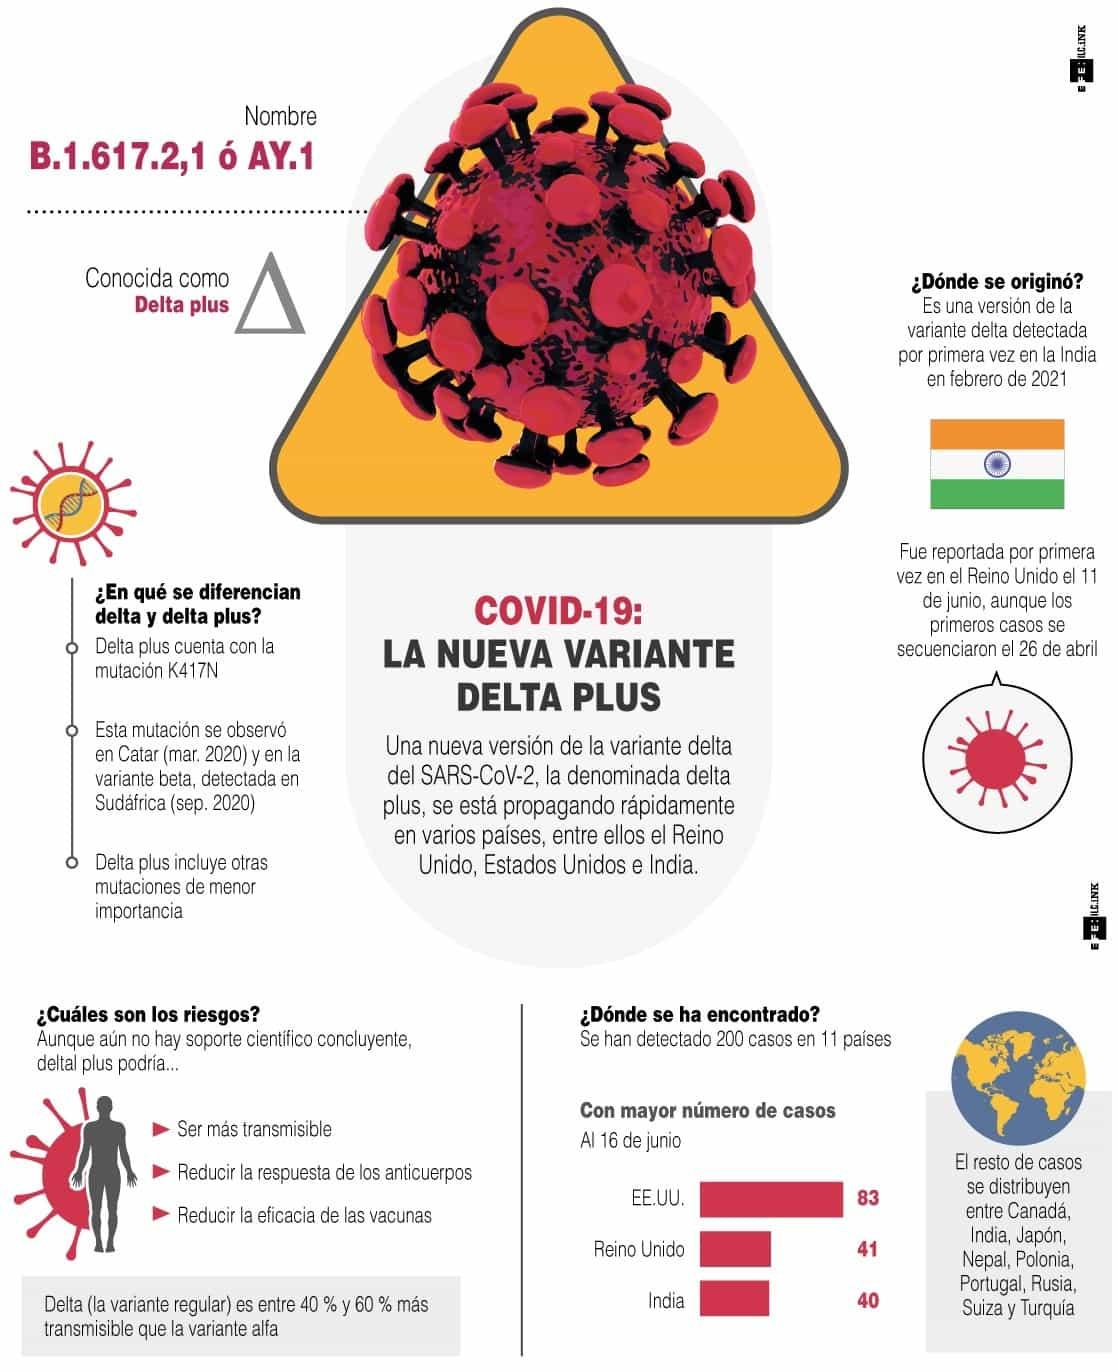 [Infografía] Delta plus podría tener impacto en respuesta inmunitaria al virus, según OMS 1